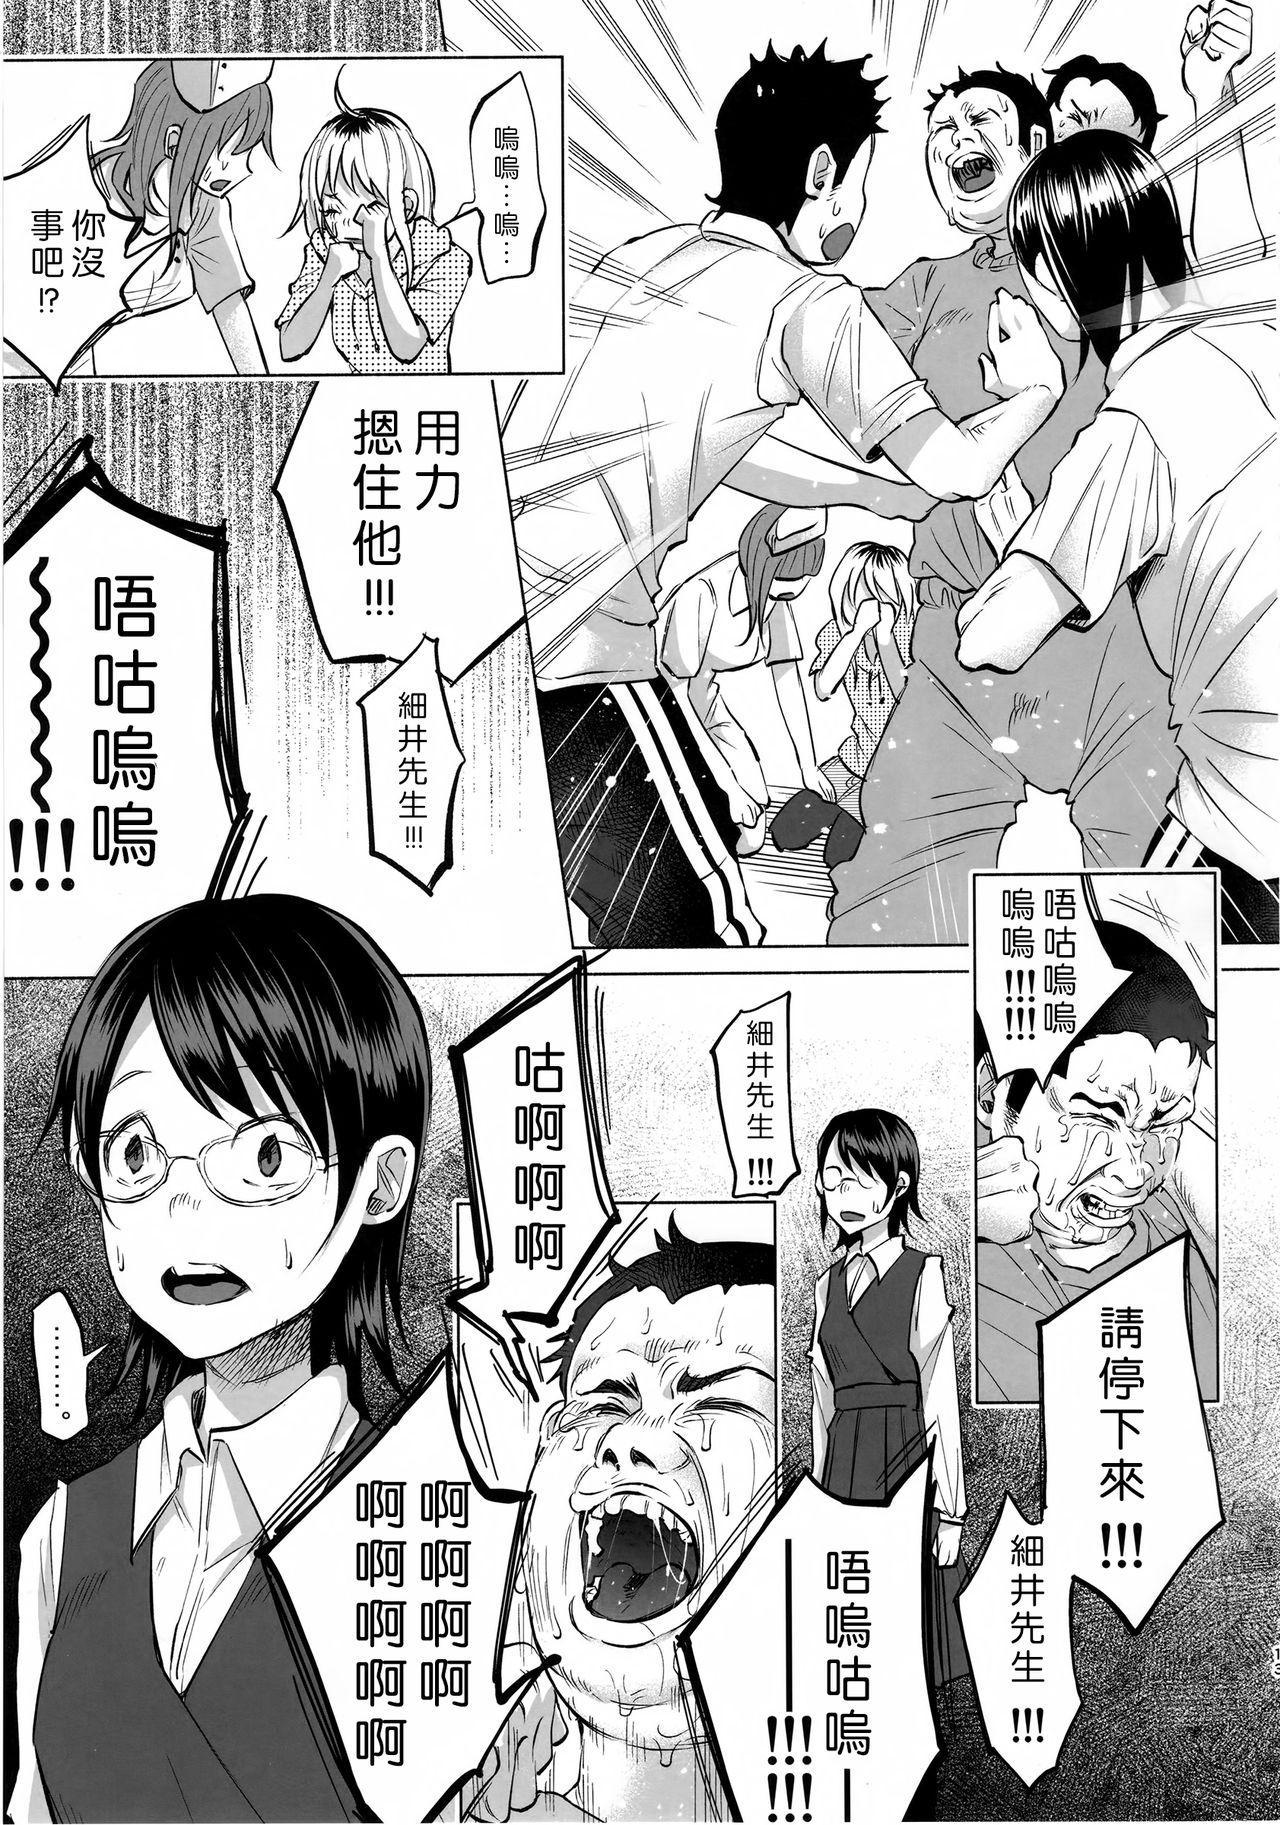 Koi Monogatari 12